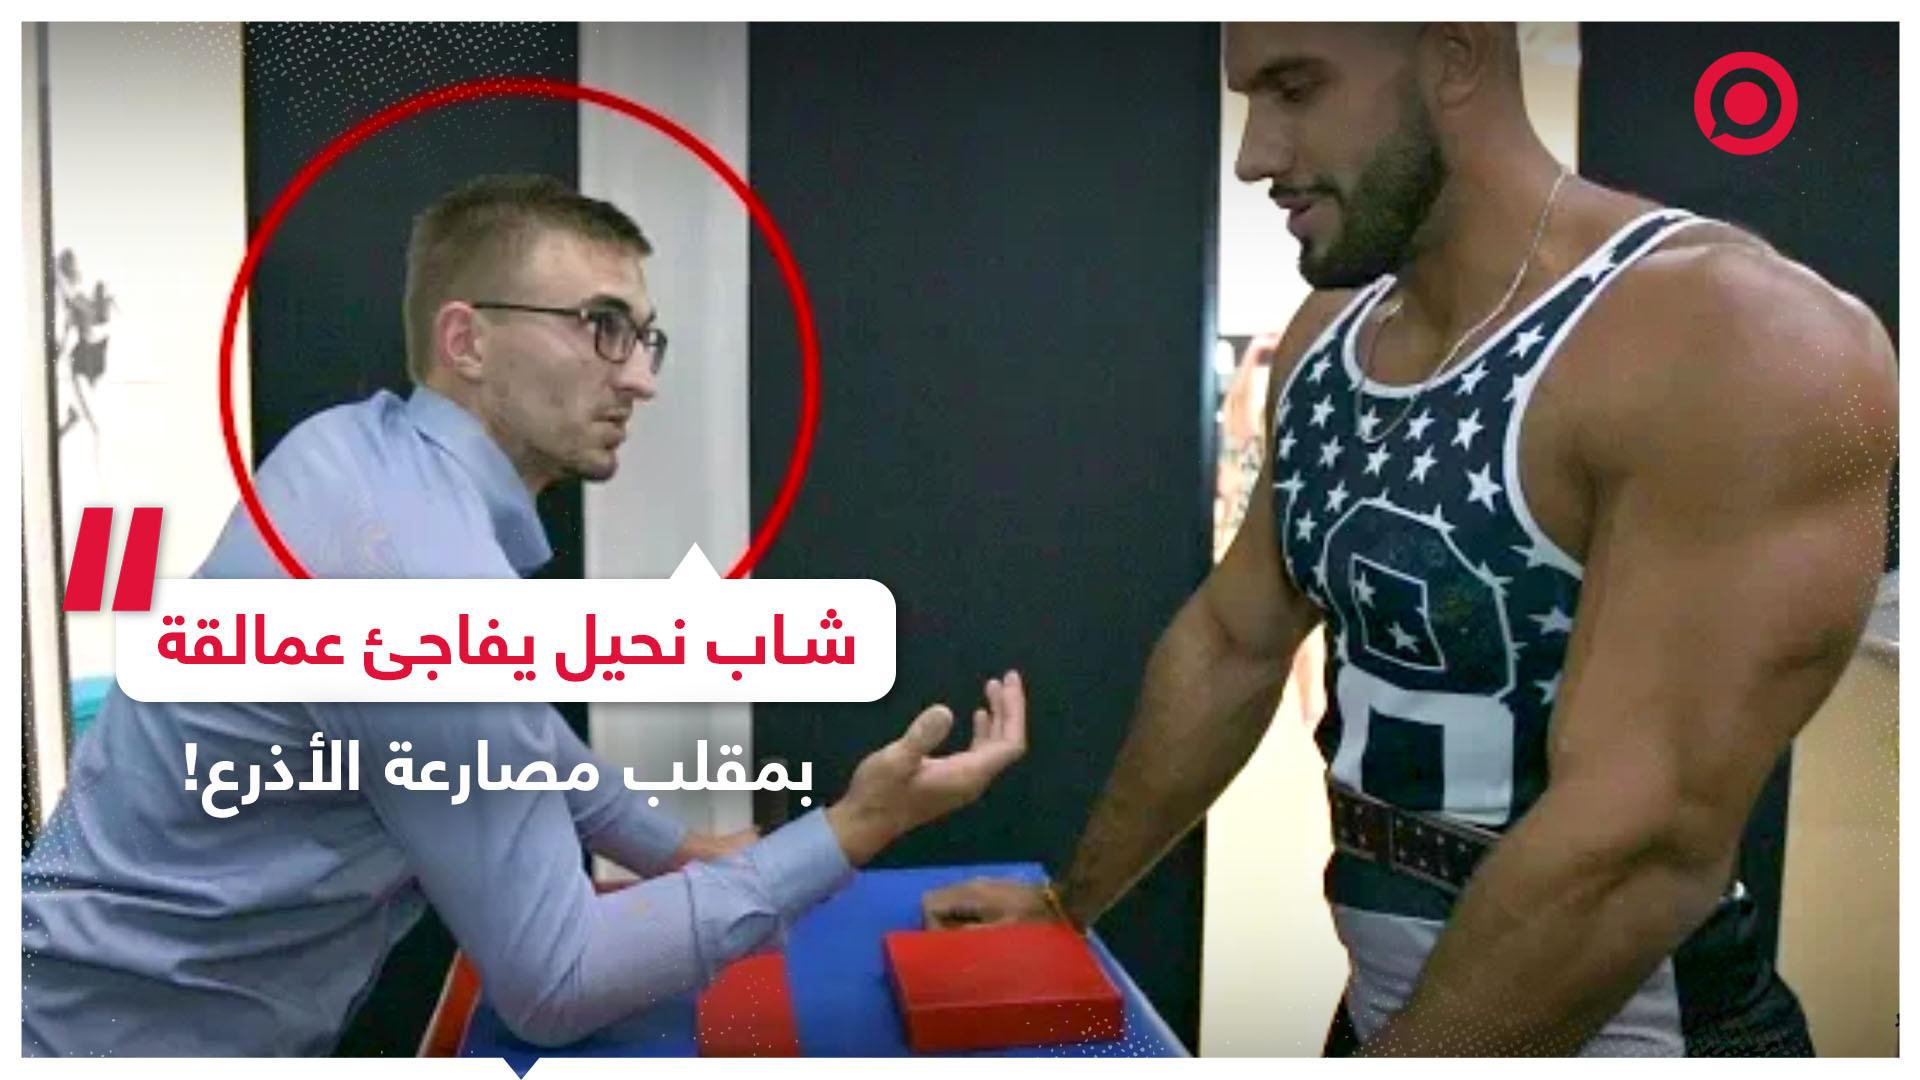 نزال  محمود ميعاري  مصارعة الأذرع  مقلب